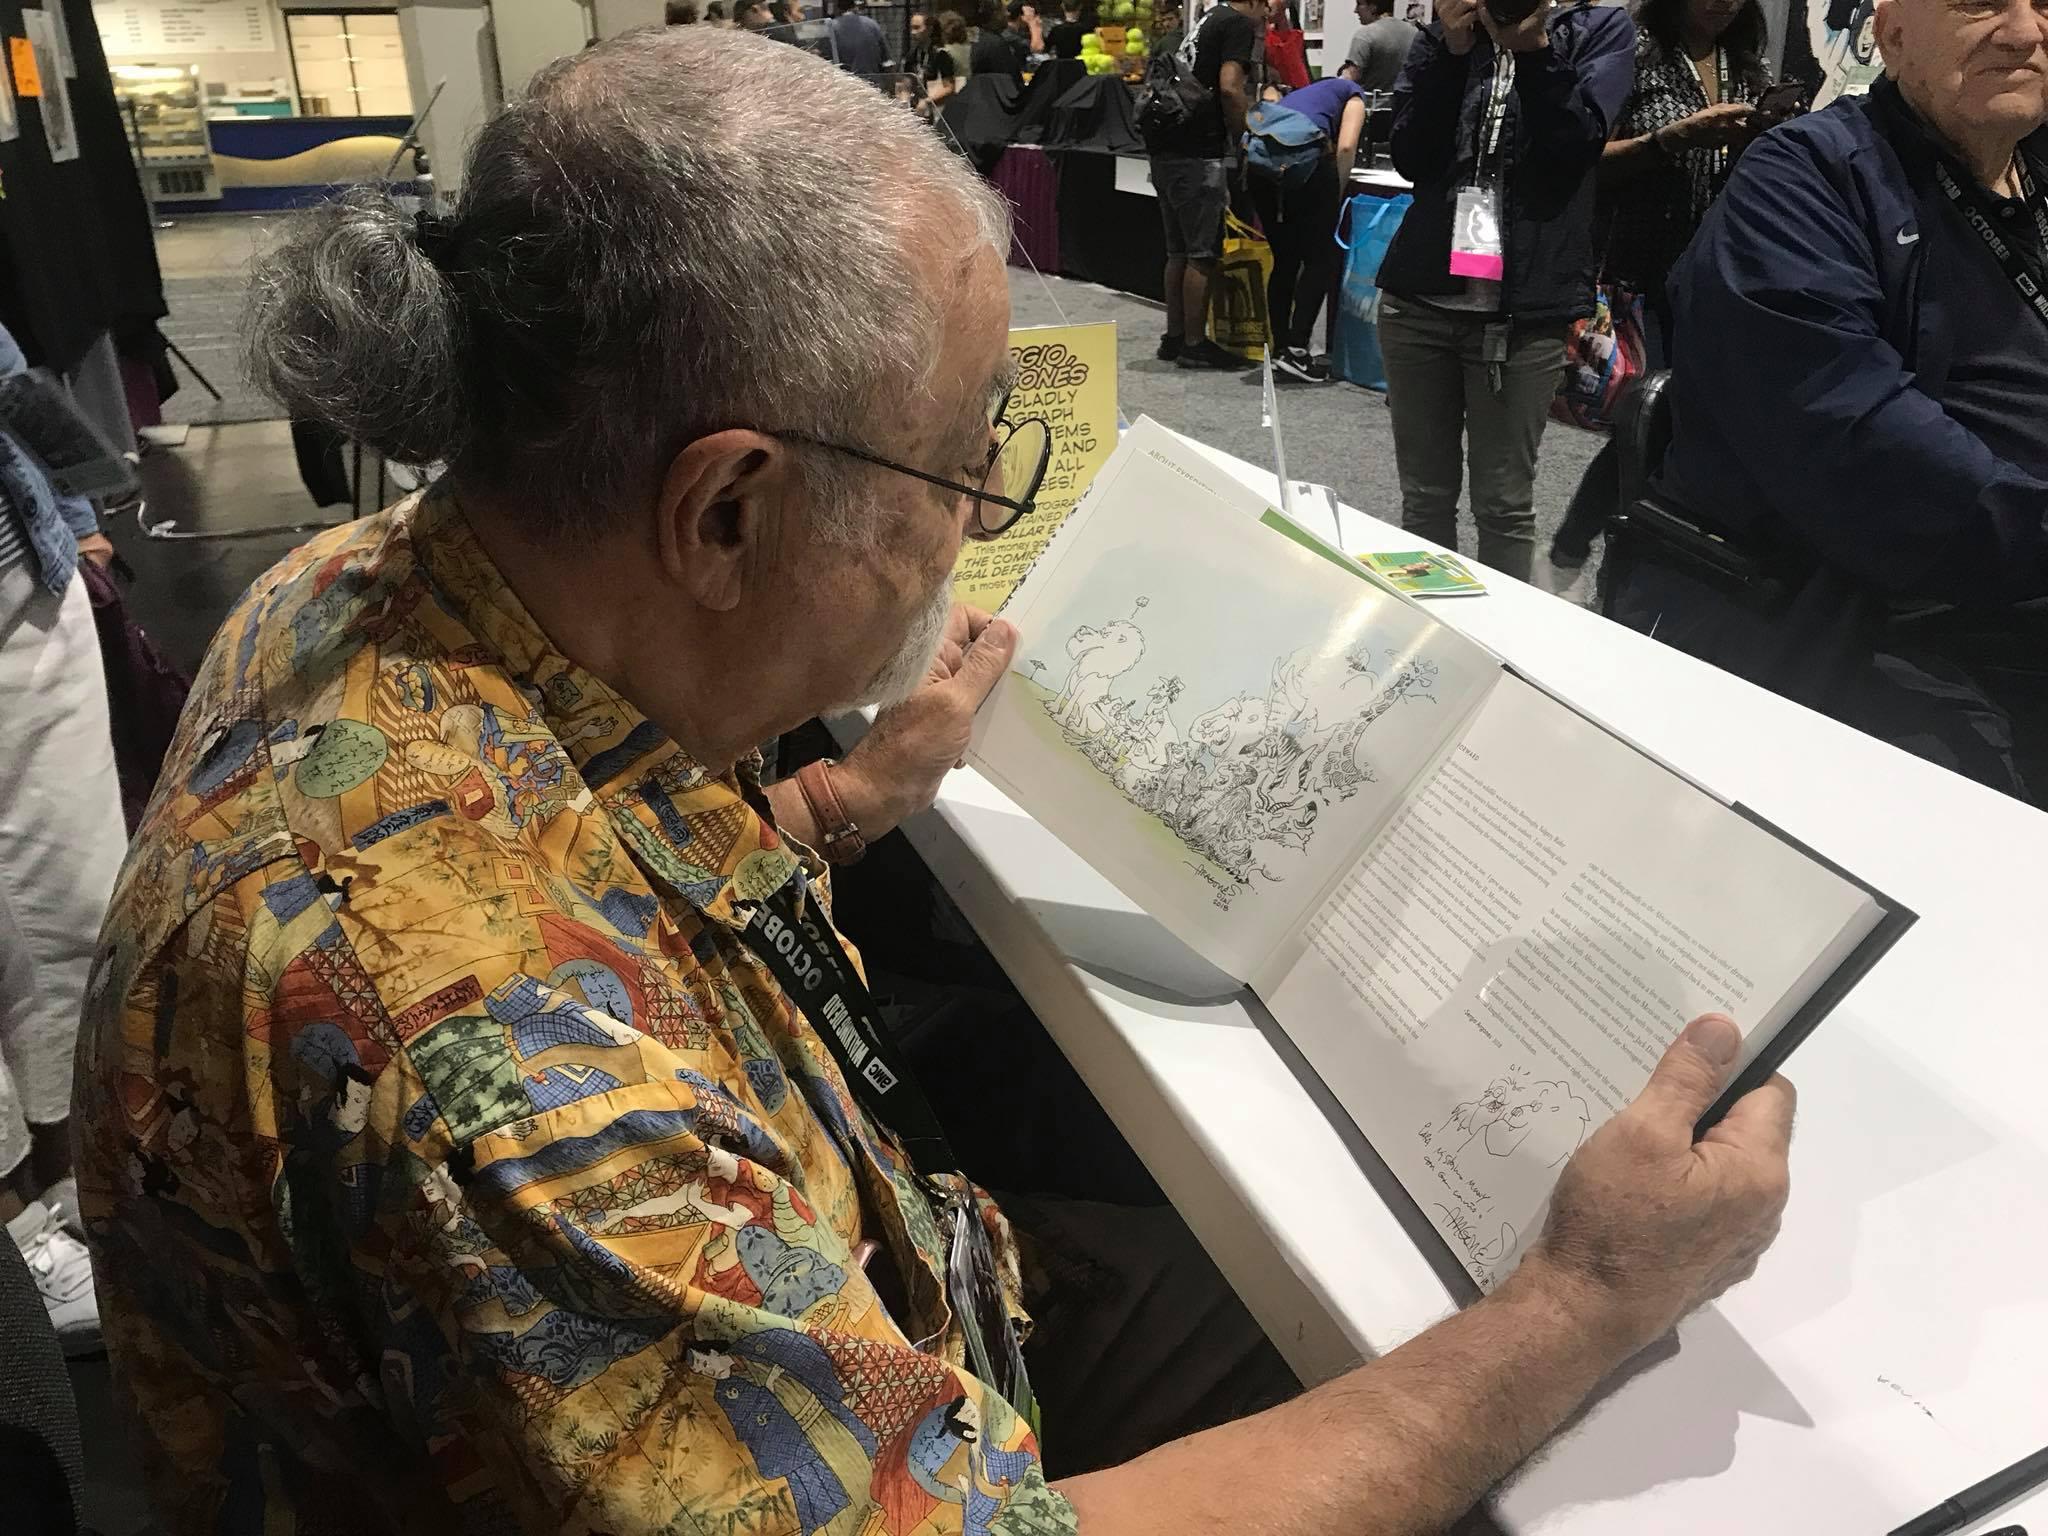 Forward author Sergio Aragones